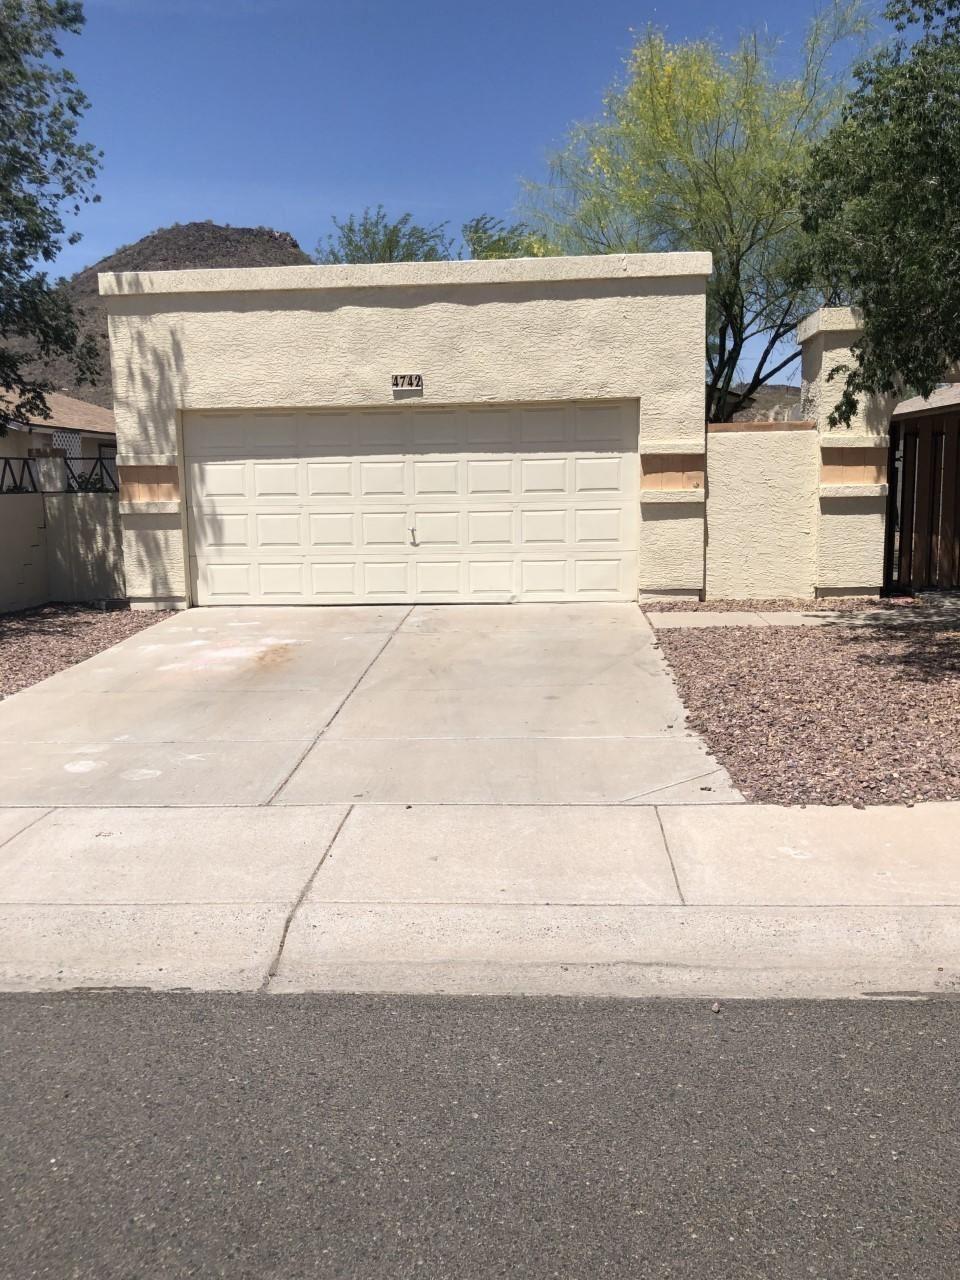 4742 W MENADOTA Drive, Glendale, AZ 85308 - MLS#: 6232330